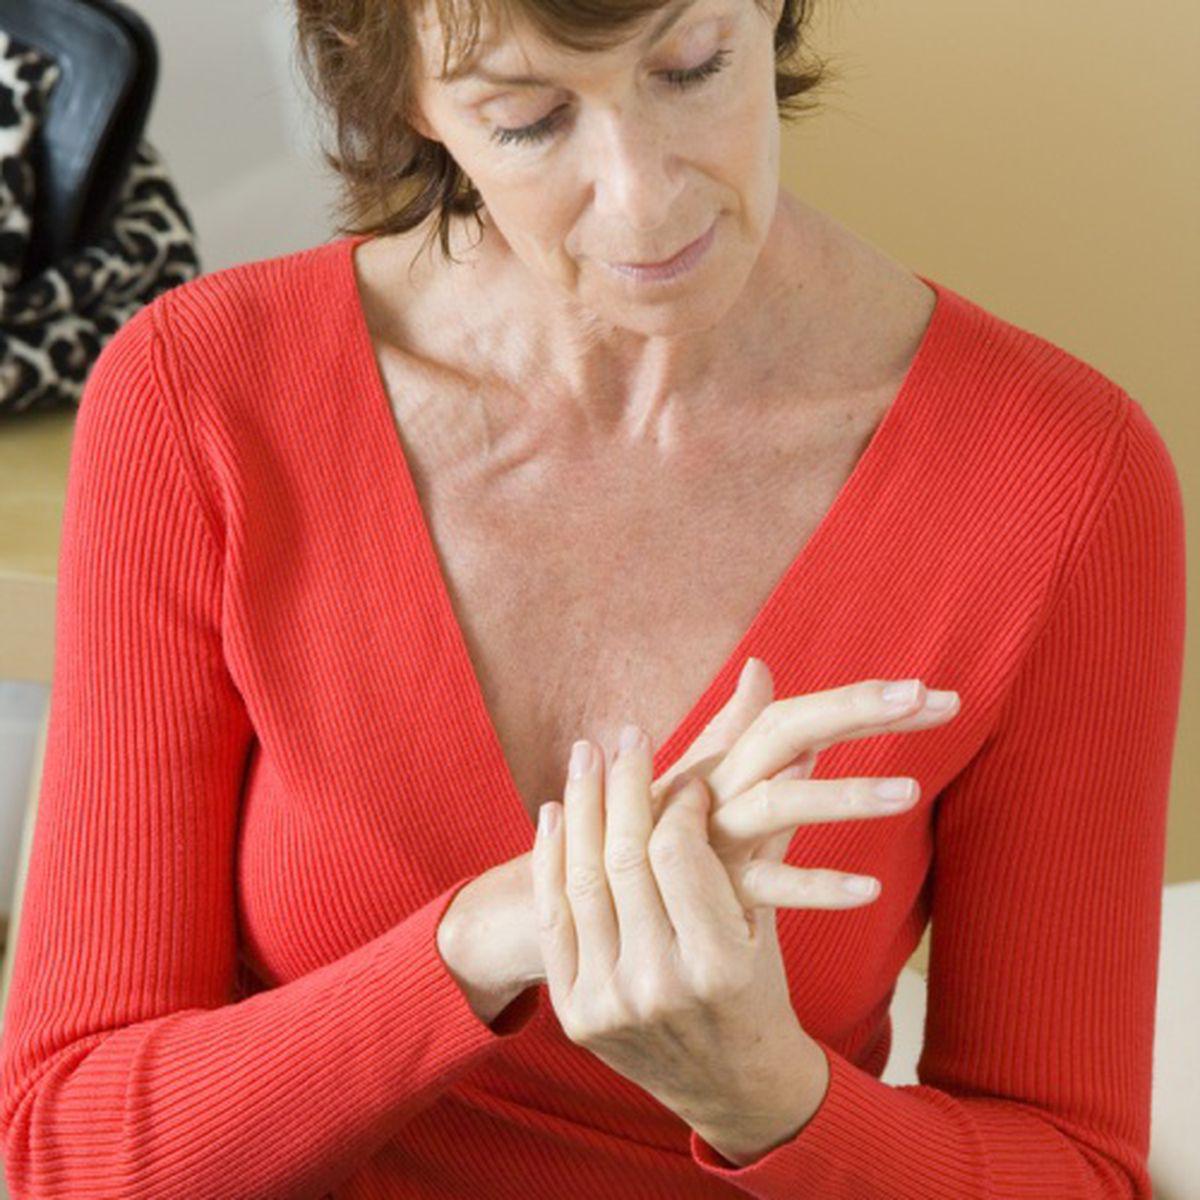 Tratamentul artrozei cu almac, Cum pot fi diminuate durerile provocate de artroză